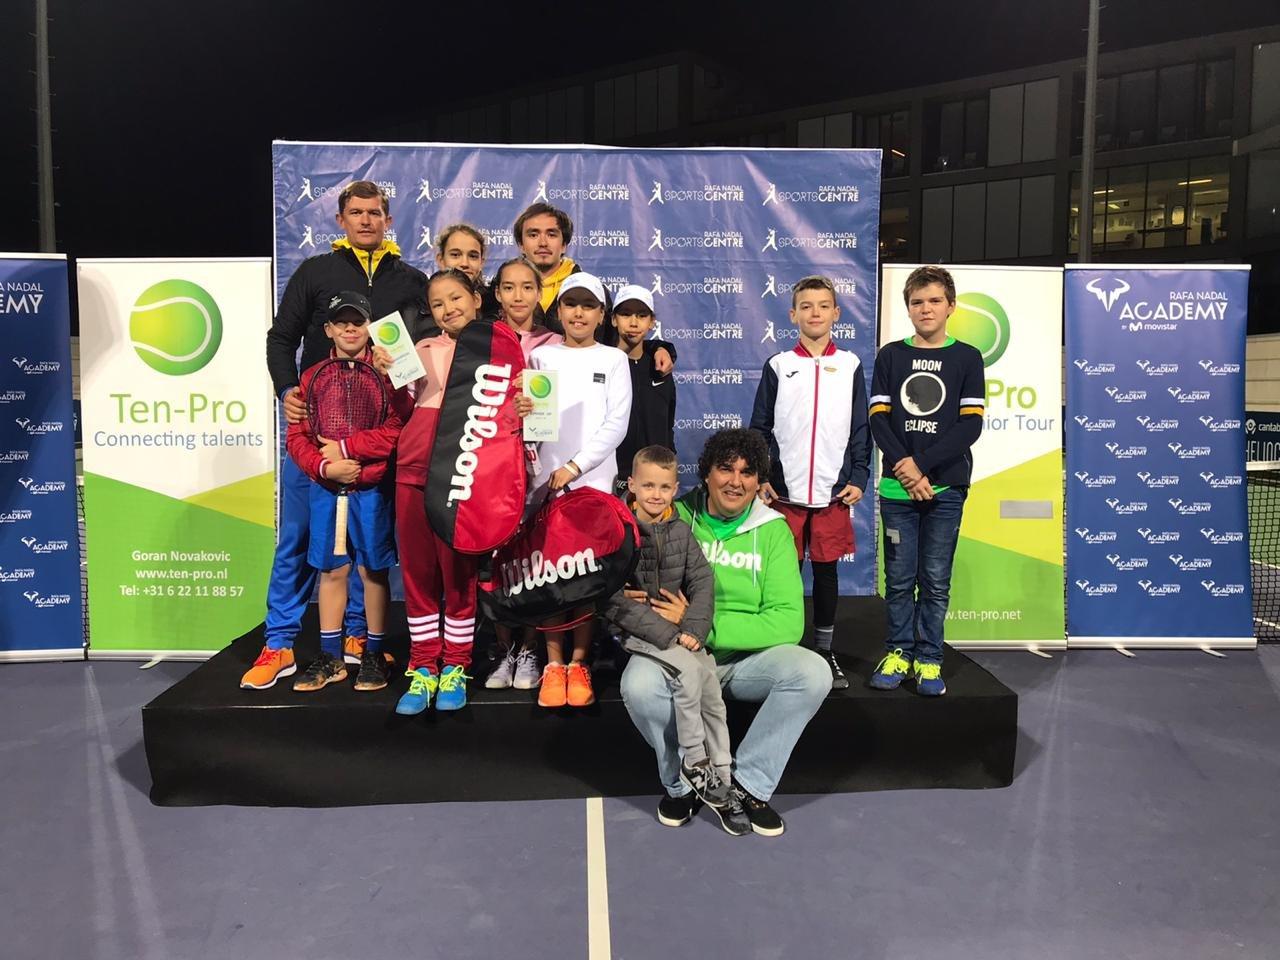 Юная теннисистка из Нур-Султана победила на чемпионате в Испании (фото), фото-4